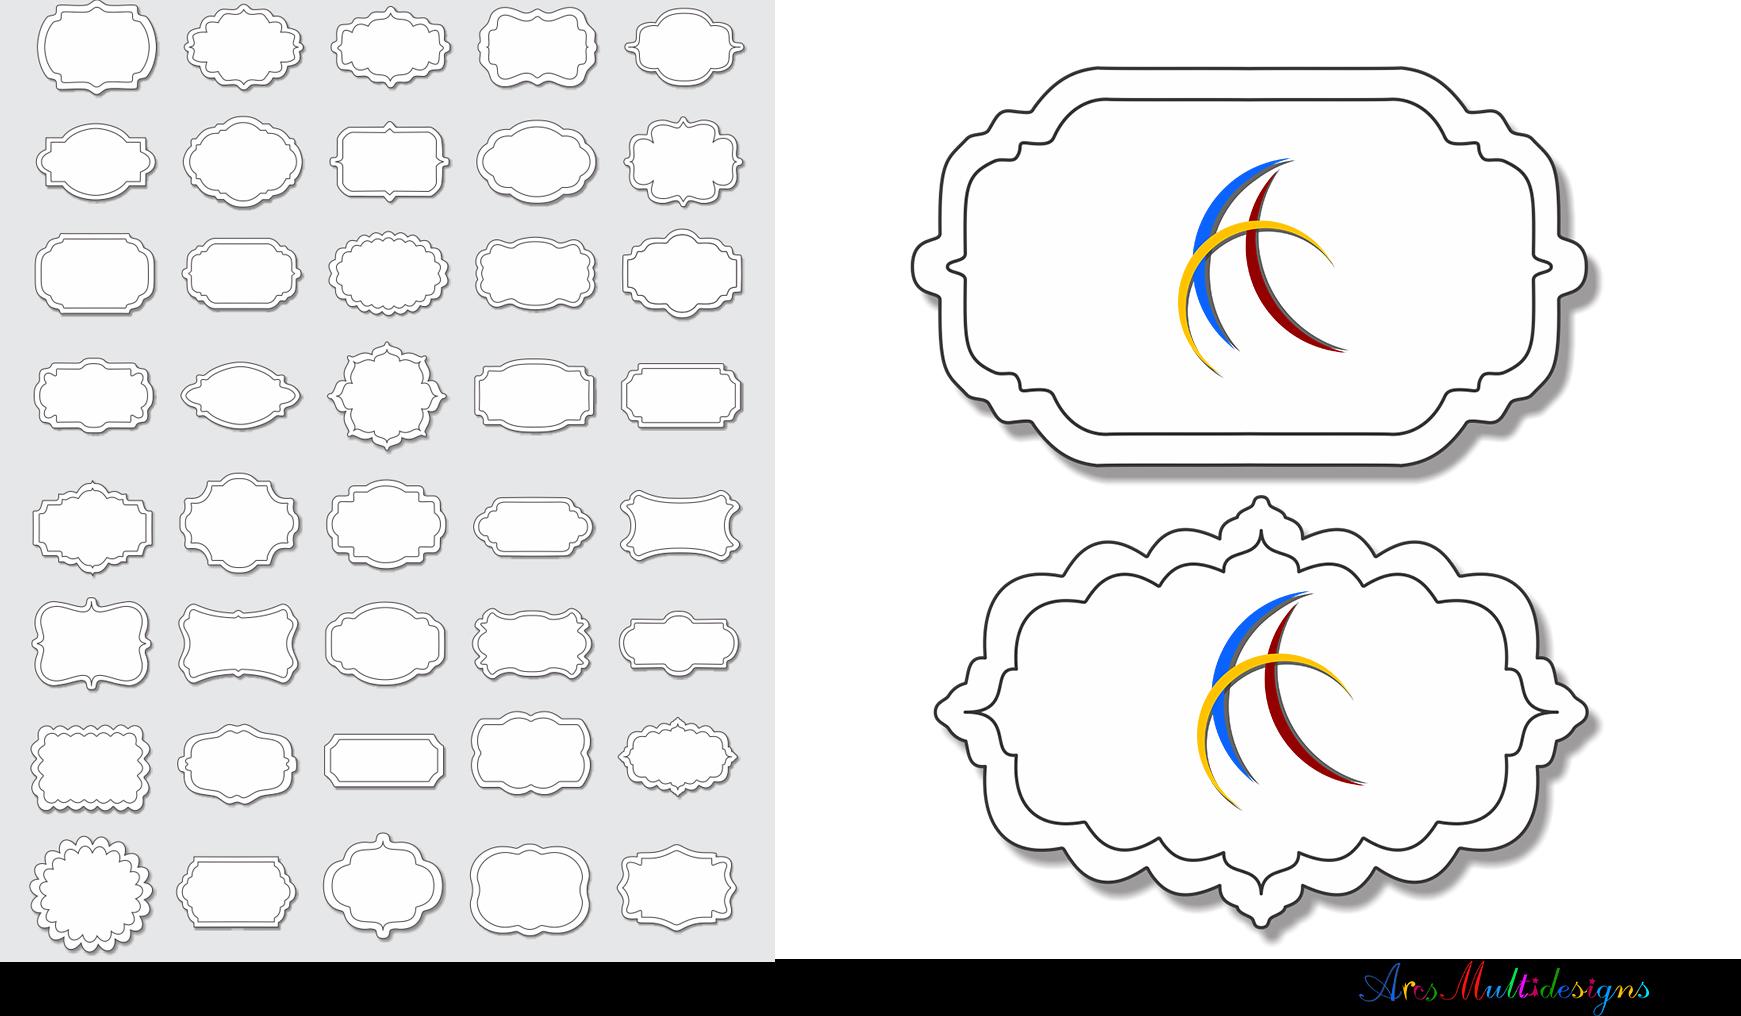 Label clipart bundle / digital label clipart bundle / frames bundle / high quality frames / digital frames clip art / label clipart example image 8